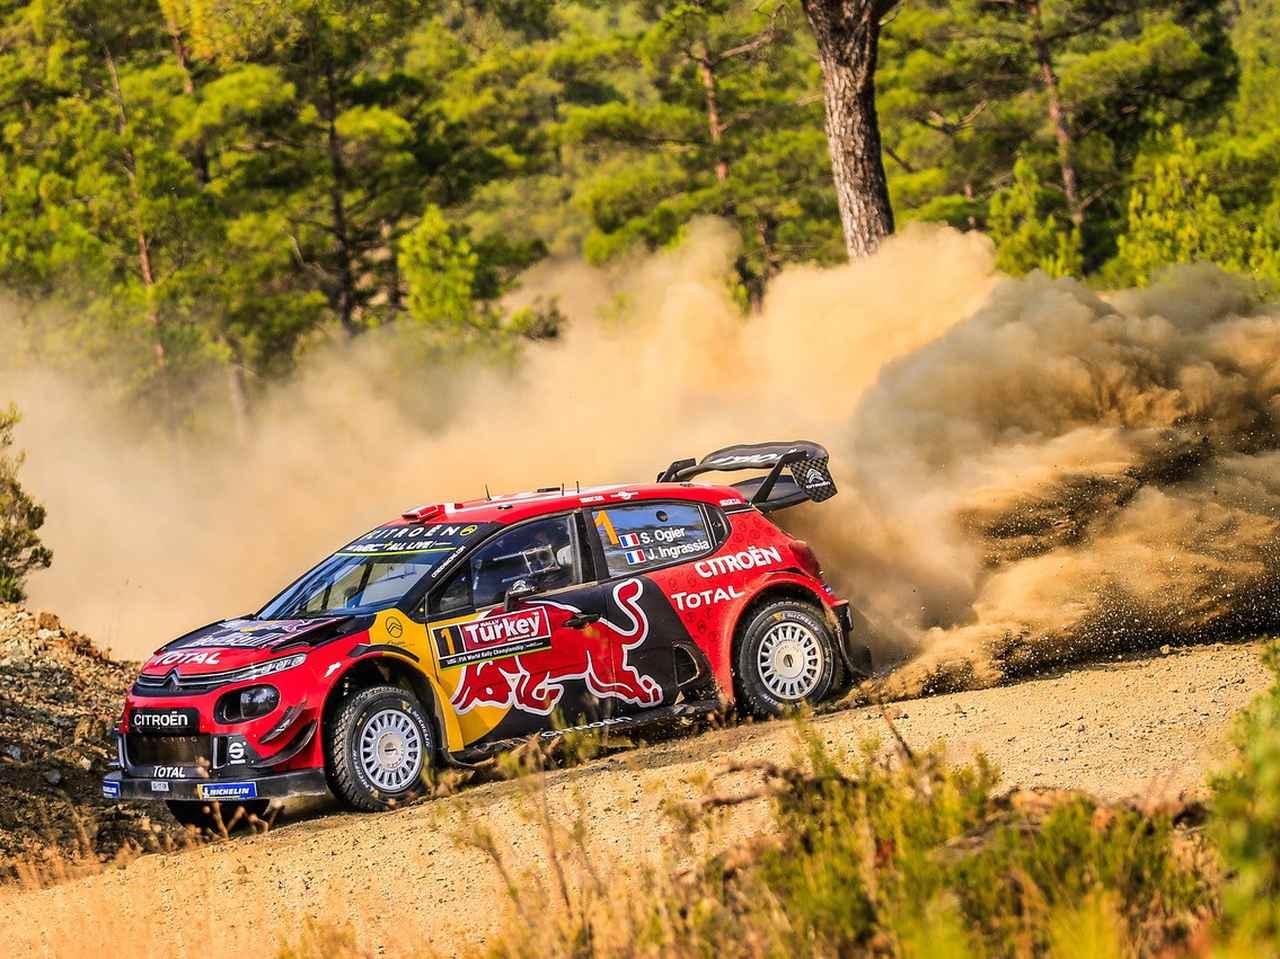 WRC第11戦ラリートルコ、シトロエンが1-2、チャンピオン争い一気に緊迫【モータースポーツ】